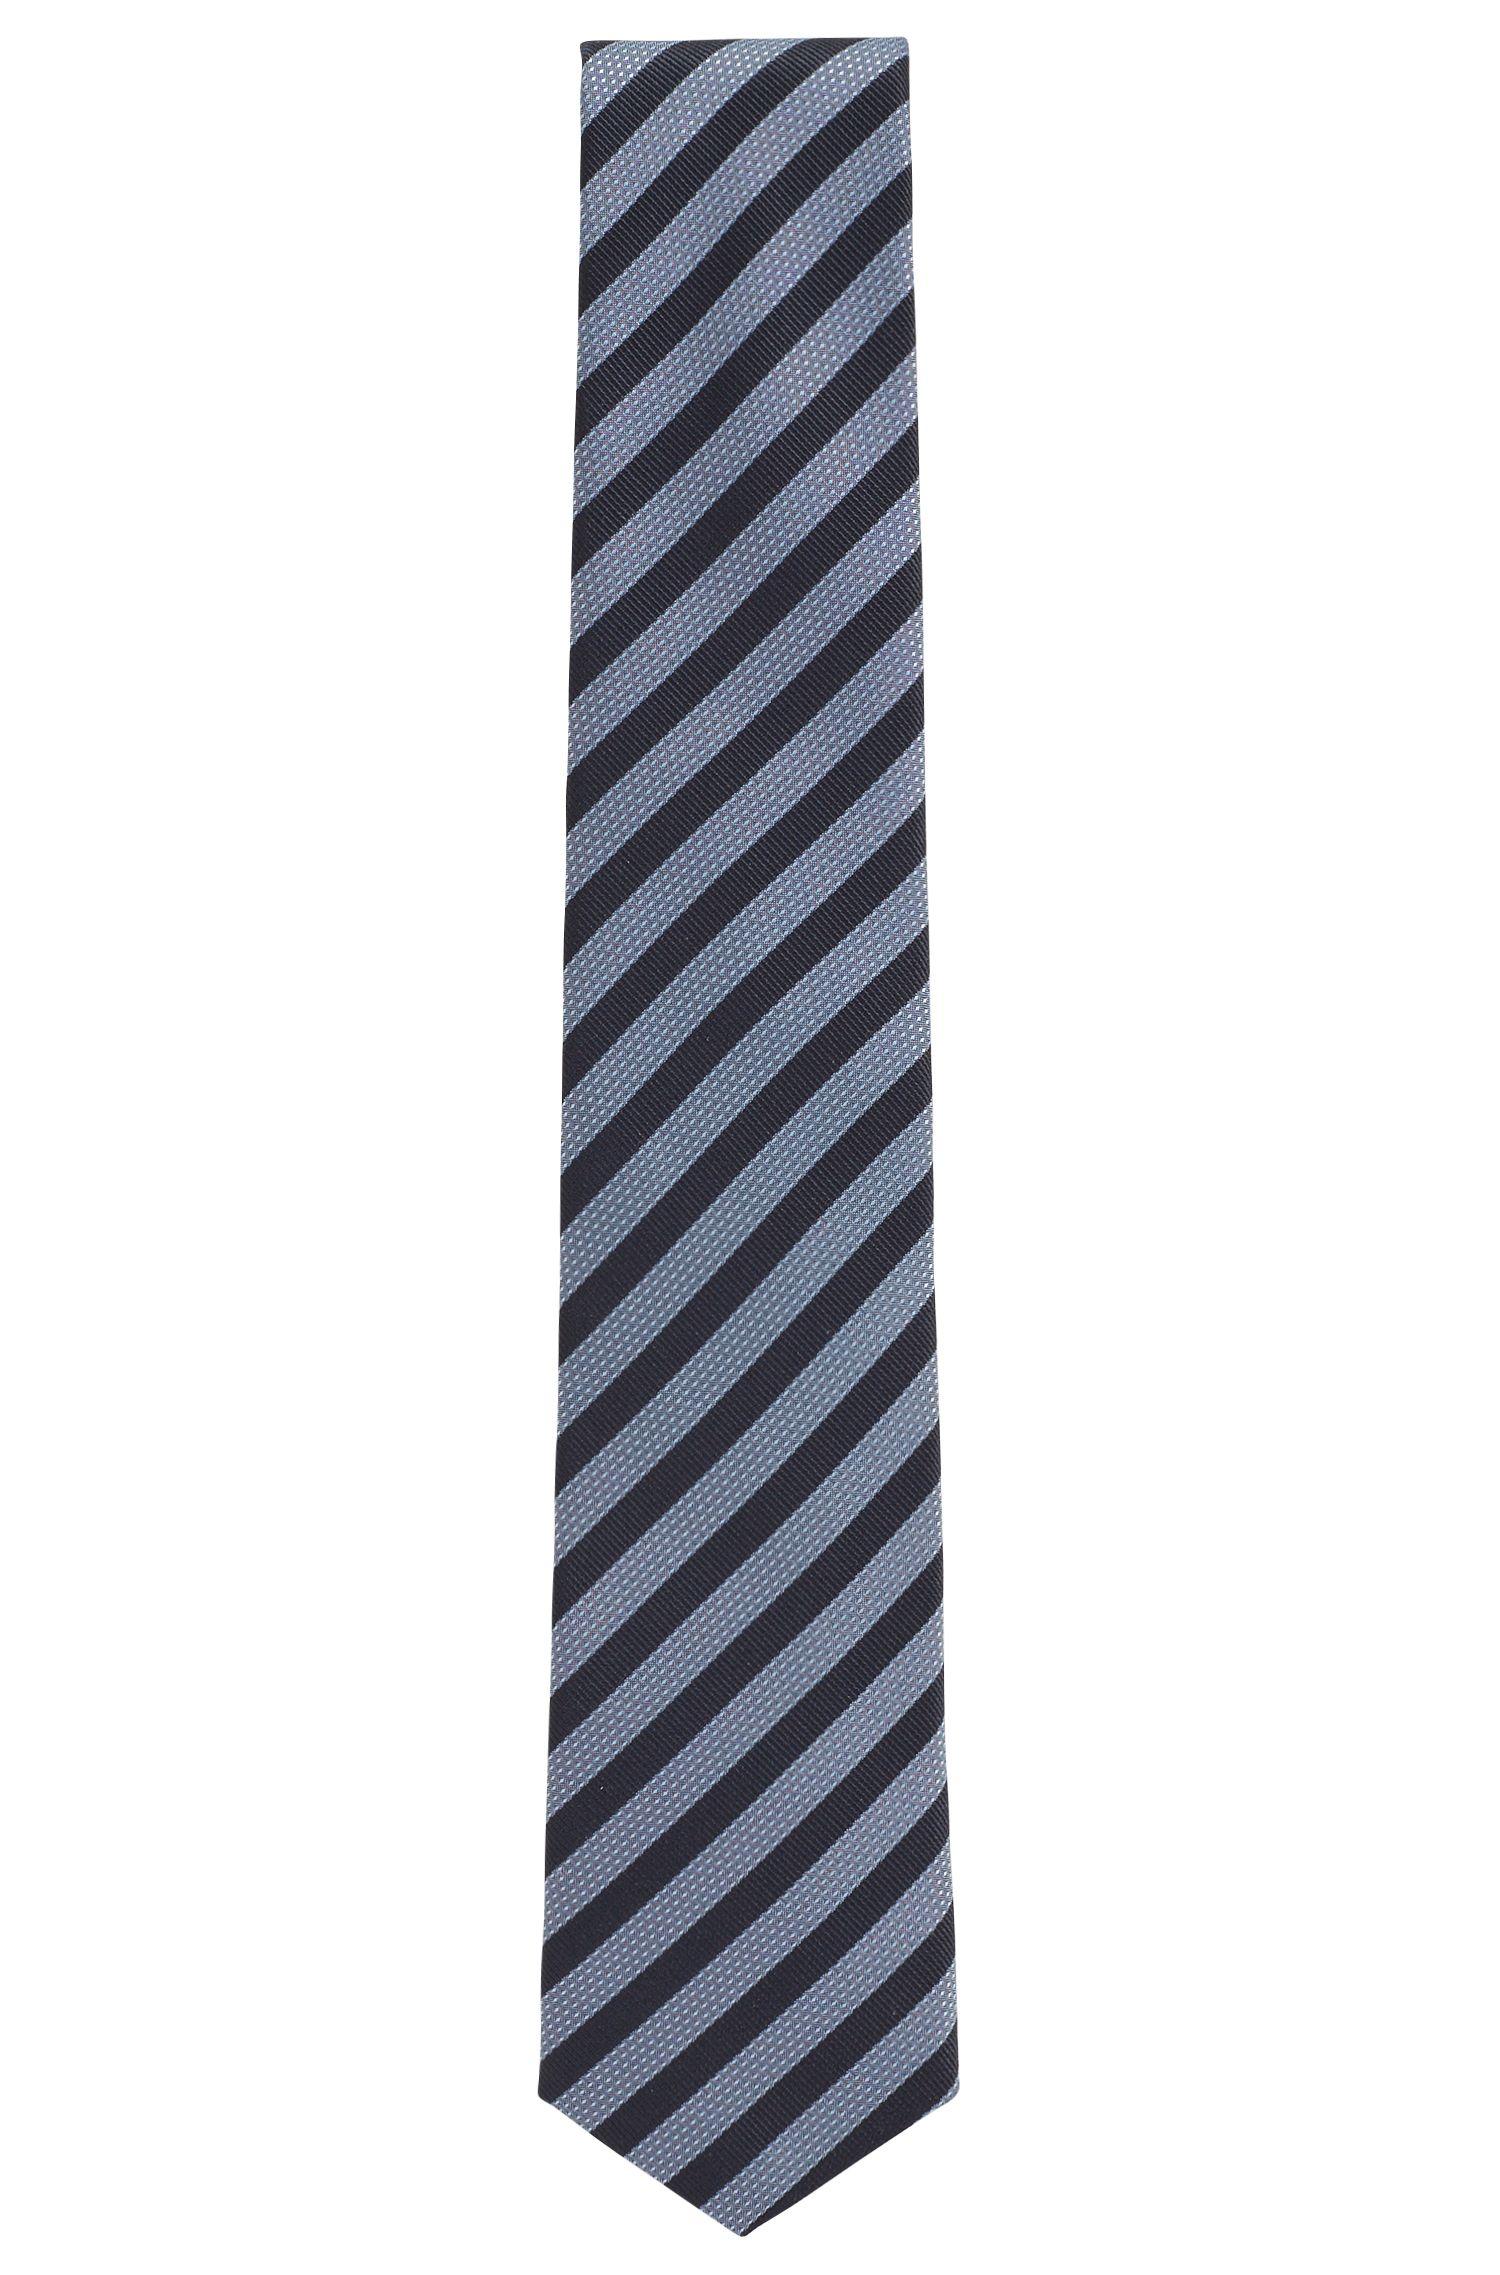 In Italien gefertigte Krawatte aus wasserabweisender Seide mit Streifen-Muster, Hellblau